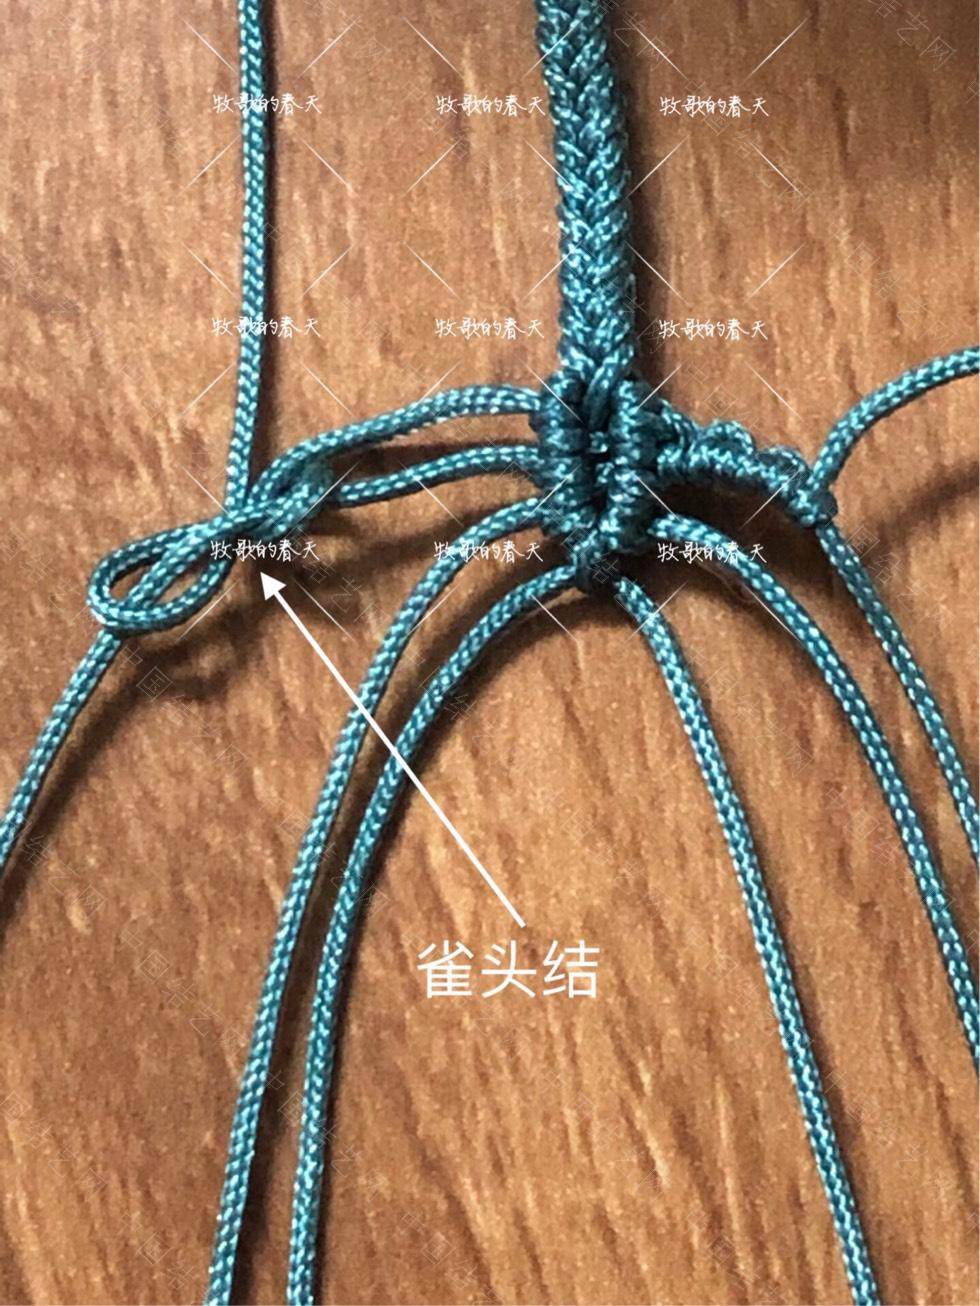 中国结论坛 挂绳尾扣随拍过程  图文教程区 131252r85hird4rgimh5r4